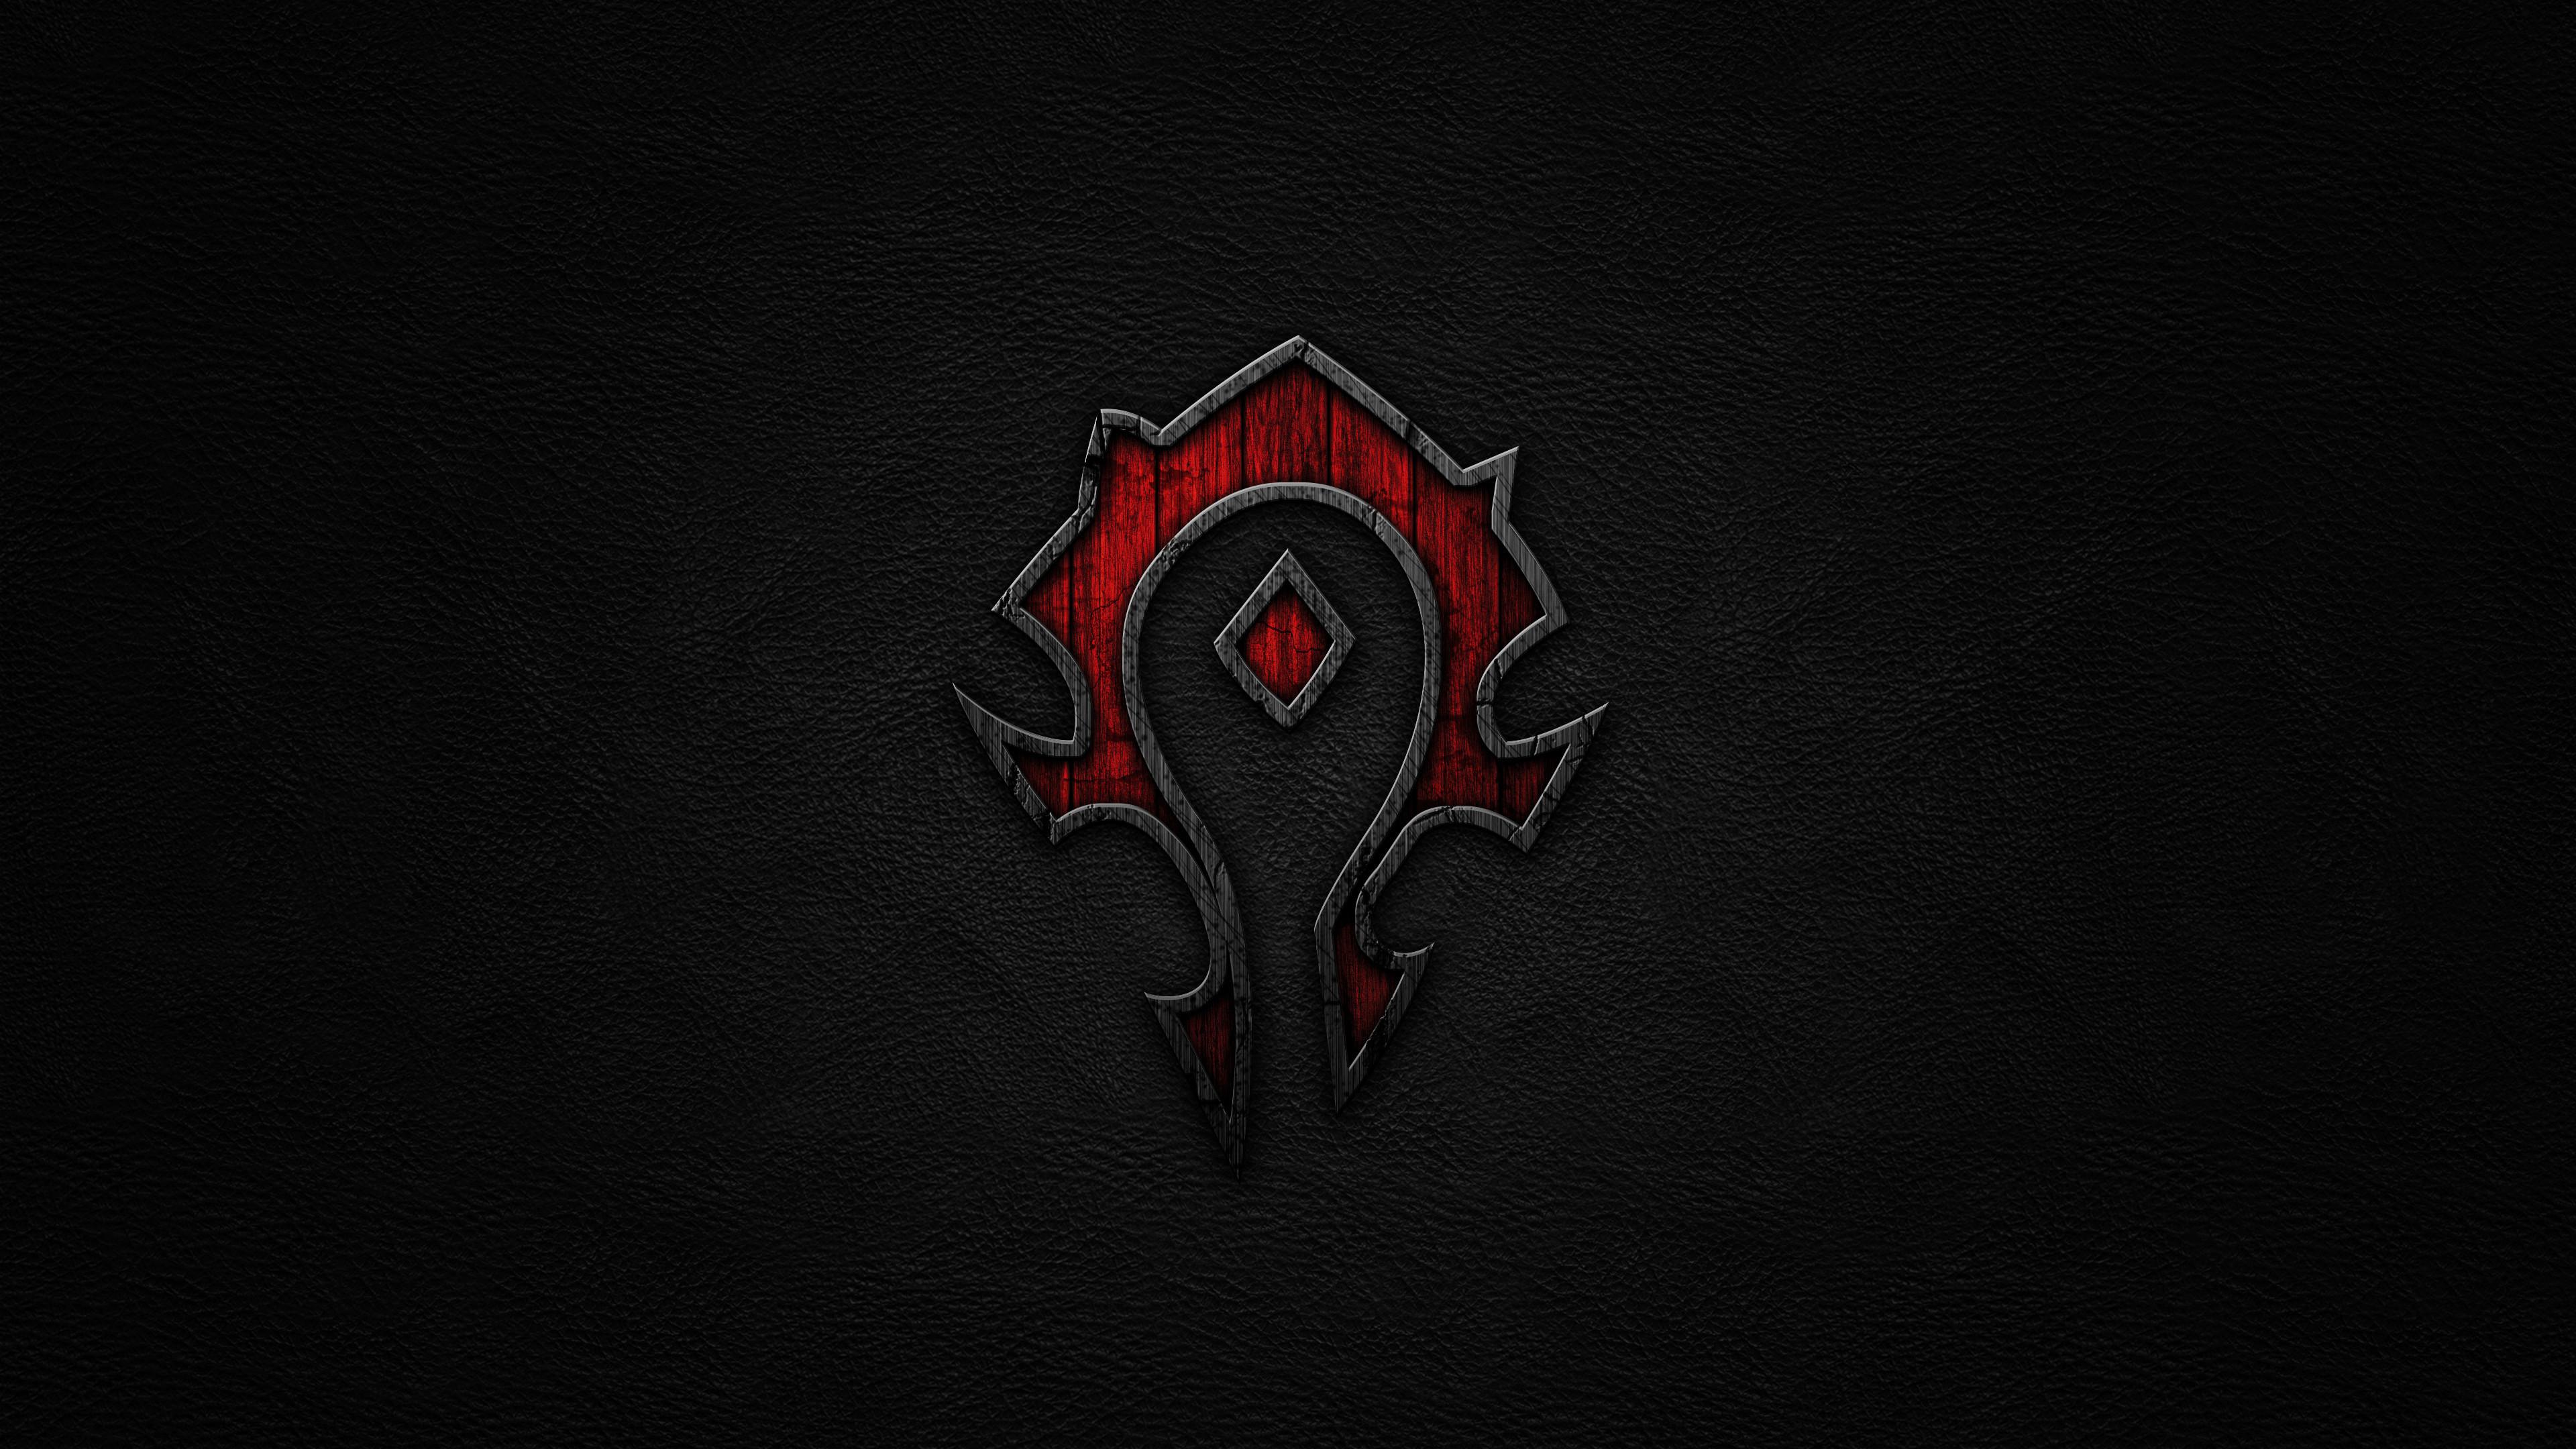 Horde Symbol Wallpaper 61 Images